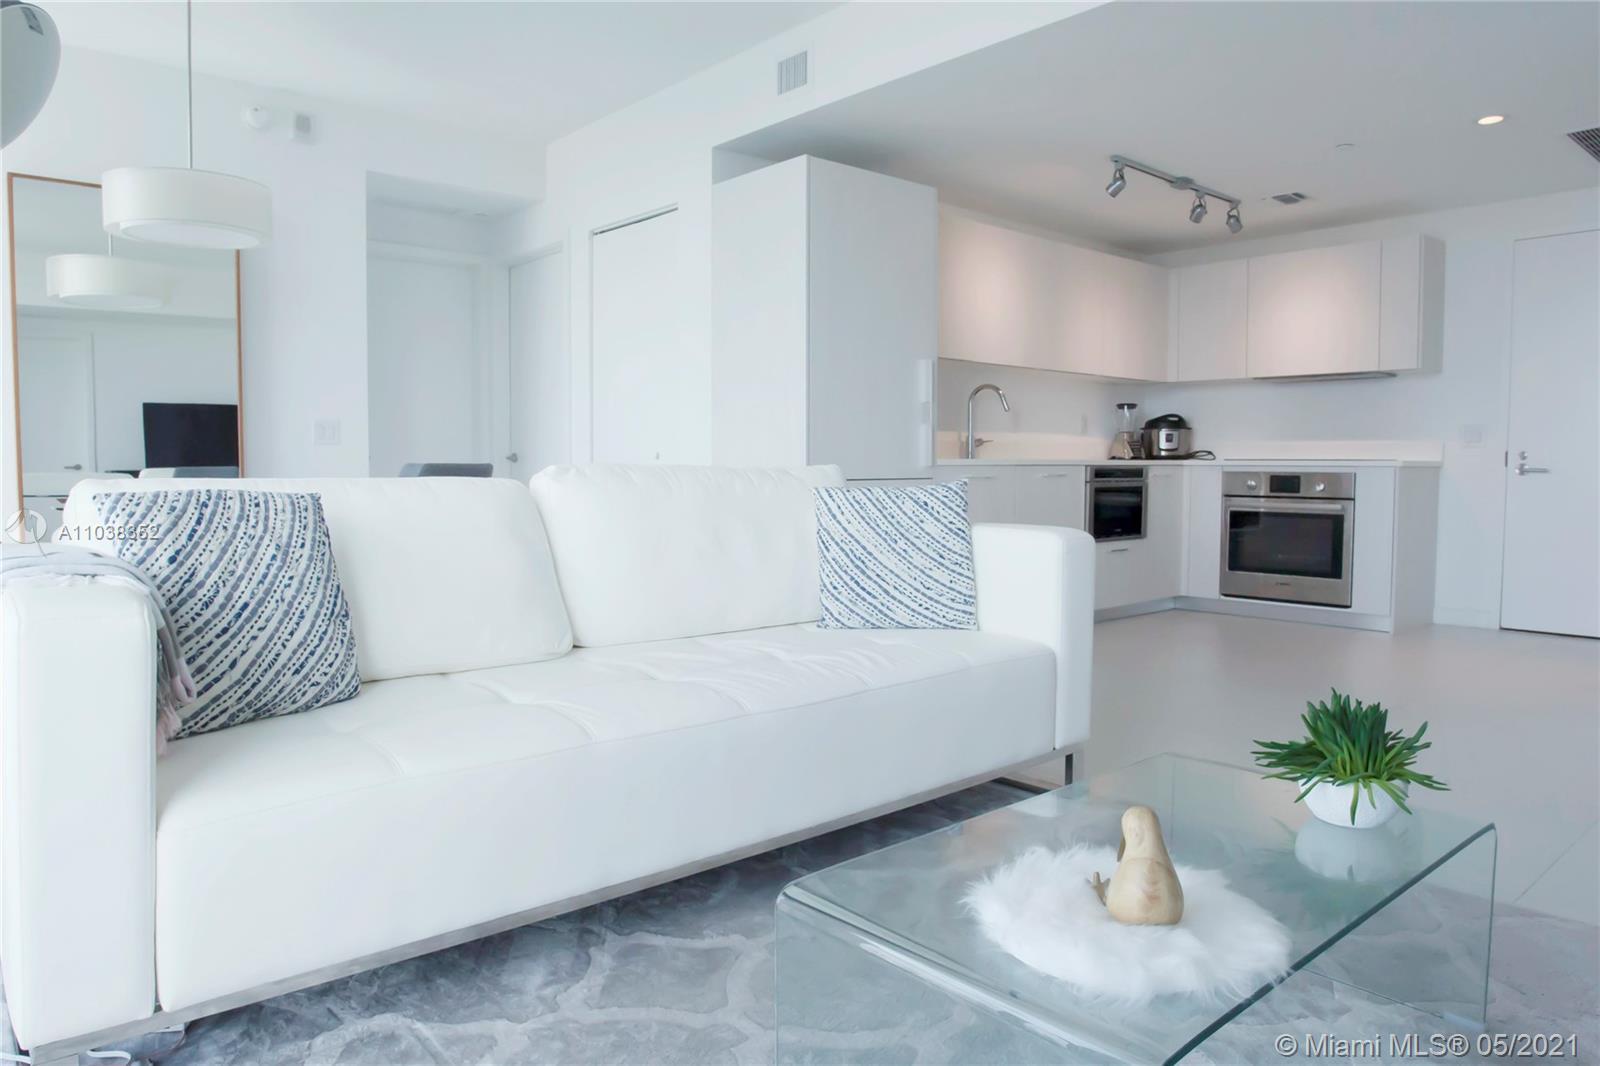 Апартамент с двумя спальнями в Paraiso Bayviews, Майами